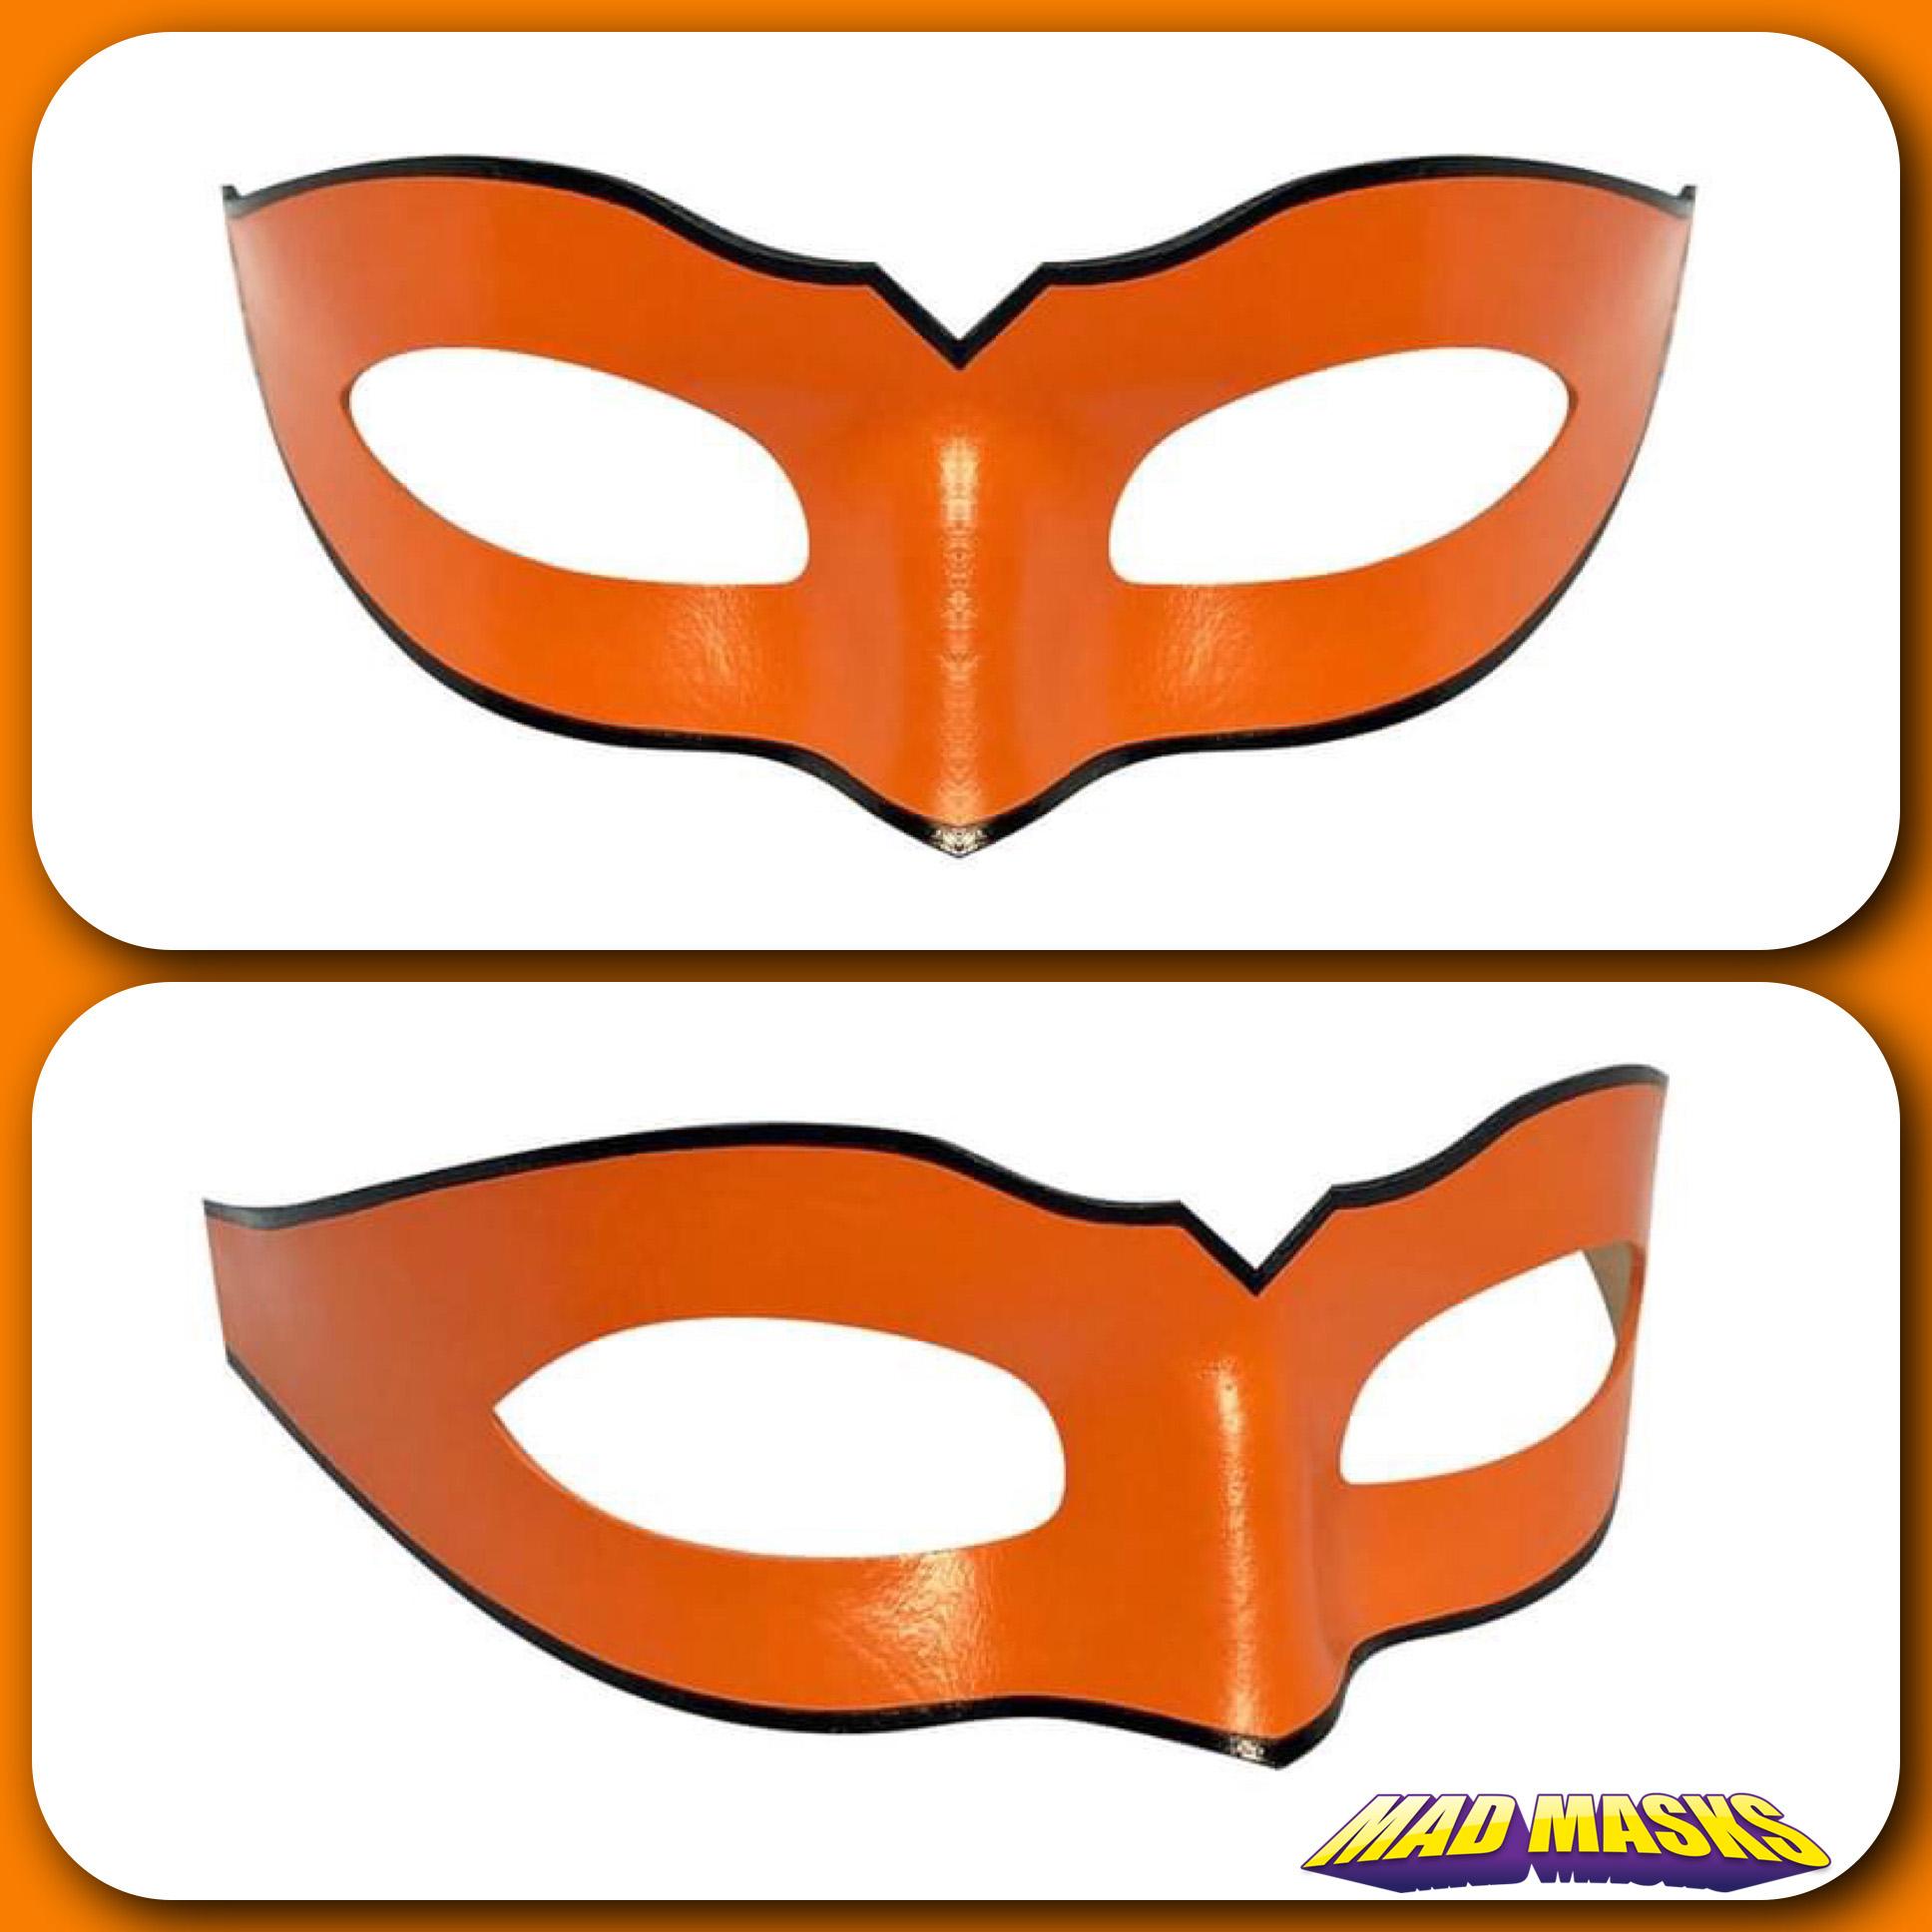 volpina-mask-mad-masks.jpg